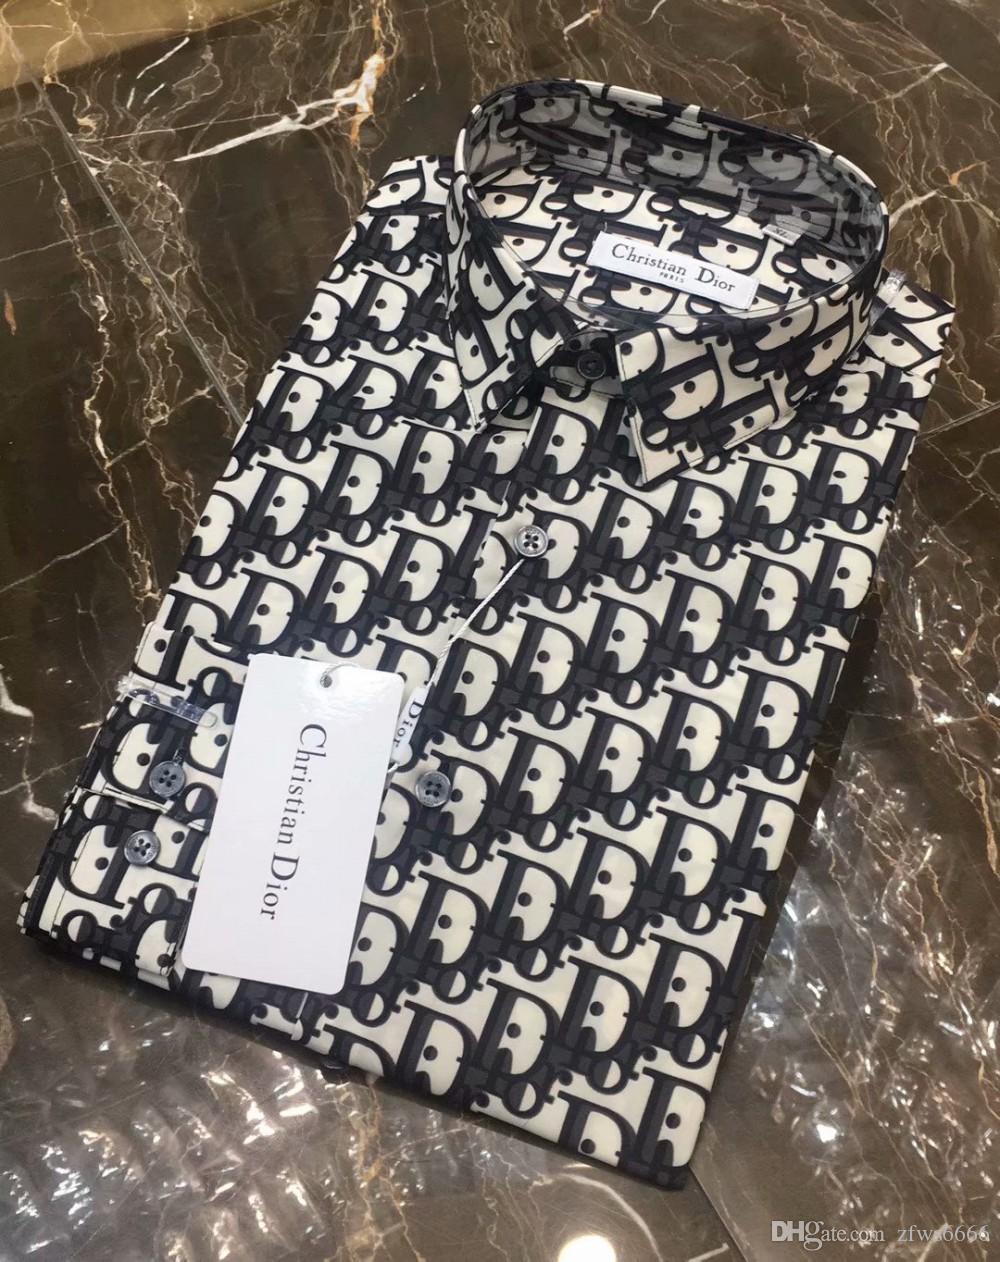 Erkek marka gömlek tasarımcısı gömlek Fransız Paris Marka 189 erkek erkekler uzun kollu gömlek Hip Hop tarzı yüksek kaliteli pamuk 2019 yeni varış giysi